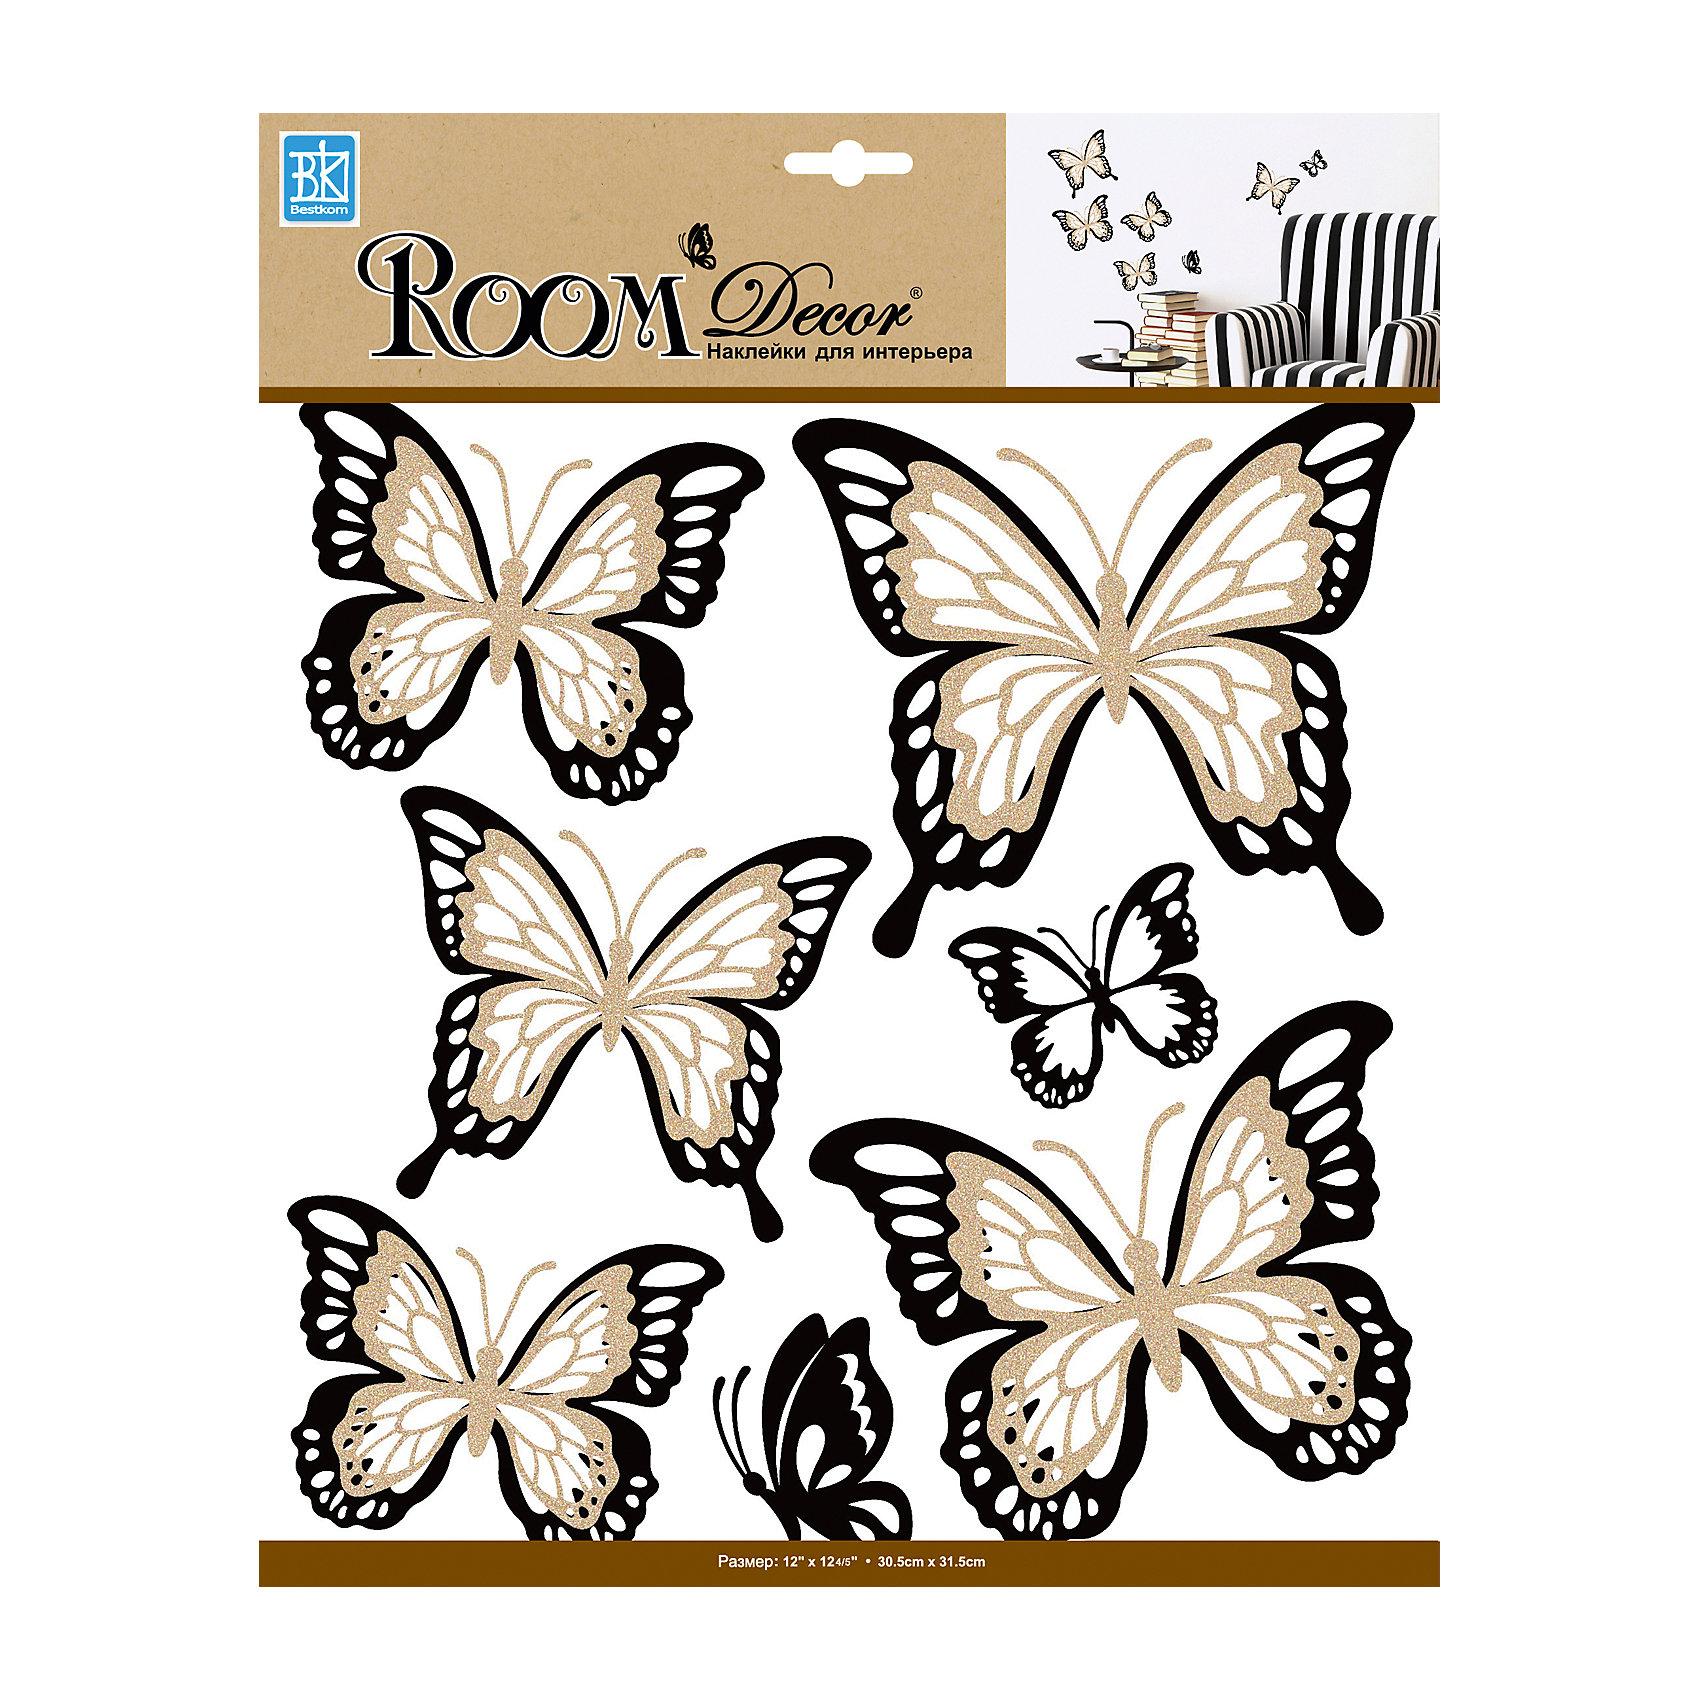 Наклейка Бабочки многослойные с блестками REA 5002, Room DecorПредметы интерьера<br>Характеристики:<br><br>• Предназначение: декор комнаты<br>• Тематика наклеек: бабочки<br>• Материал: картон, ПВХ<br>• Декоративные элементы: блестки<br>• Светящиеся в темноте<br>• Форма: многослойные<br>• Клейкая поверхность крепится на окрашенные стены, обои, двери, деревянные панели, стекло<br>• Не повреждают поверхность<br>• Устойчивы к выцветанию и истиранию<br>• Повышенные влагостойкие свойства<br>• Размеры (Д*Ш*В): 15*9,5*130 см<br>• Вес: 40 г<br>• Упаковка: блистер<br><br>Все наклейки выполнены из безопасного и нетоксичного материала – ПВХ. Прочная клеевая основа обеспечивает надежное прикрепление практически к любому виду горизонтальной или вертикальной поверхности, при этом не деформируя и не повреждая ее. Наклейки обладают влагоустойчивыми свойствами, поэтому они хорошо переносят влажную уборку. <br><br>Наклейка Бабочки многослойные с блестками REA 5002, Room Decor состоит из элементов с изображением блестящих бабочек. Наклейки выполнены в многослойном формате. <br><br>Наклейку Бабочки многослойные с блестками REA 5002, Room Decor можно купить в нашем интернет-магазине.<br><br>Ширина мм: 150<br>Глубина мм: 95<br>Высота мм: 1300<br>Вес г: 40<br>Возраст от месяцев: 36<br>Возраст до месяцев: 168<br>Пол: Женский<br>Возраст: Детский<br>SKU: 5513057